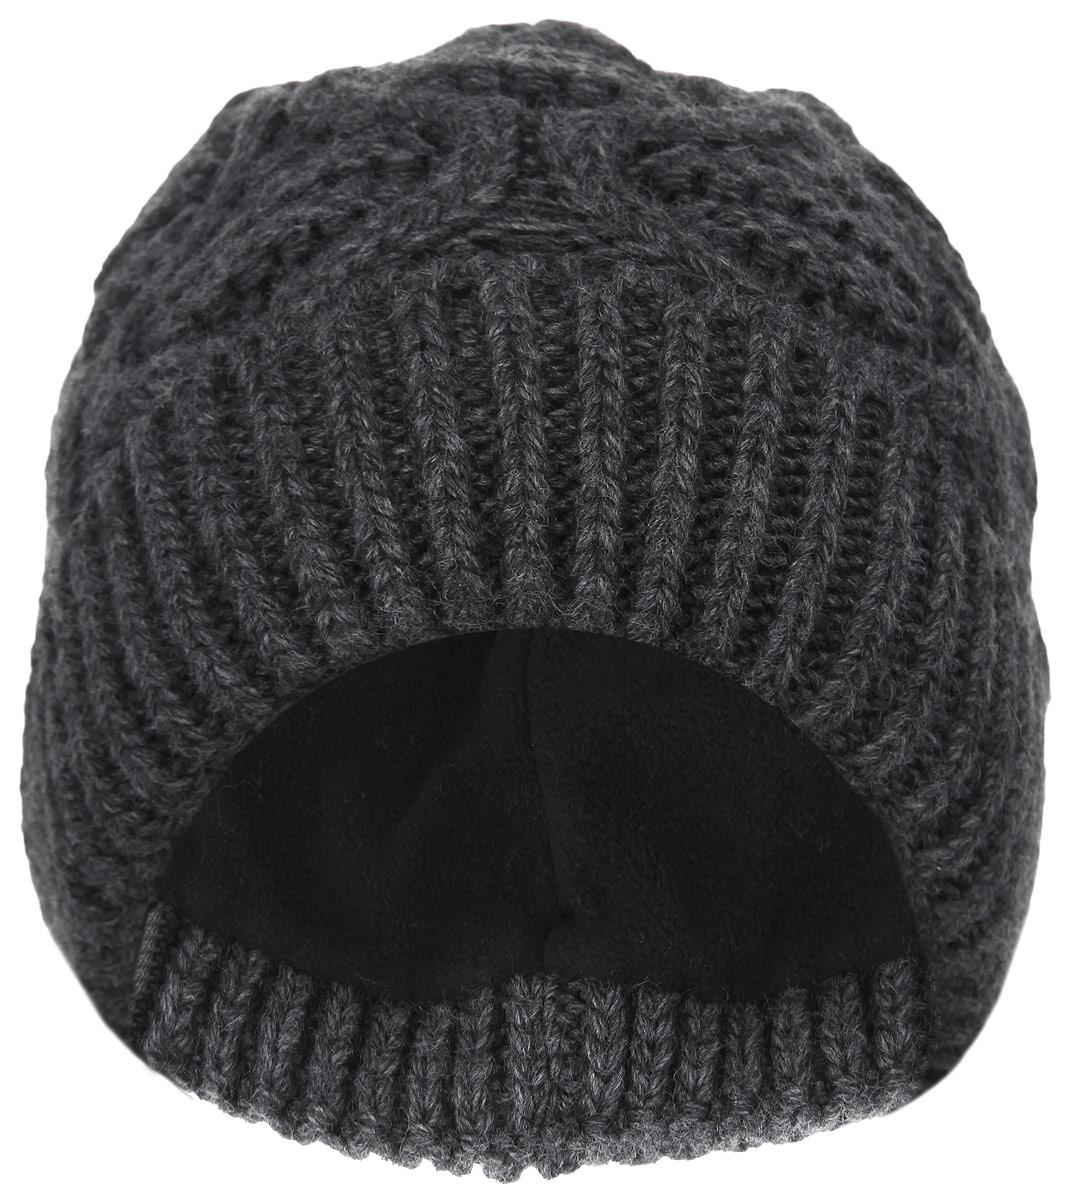 Шапка женская. 3-0403-040_001Стильная женская шапка Flioraj дополнит ваш образ в холодную погоду. Модель выполнена из высококачественной шерсти в сочетании с акрилом, необычайно мягкая и приятная на ощупь, максимально сохраняет тепло. Подкладка шапки изготовлена из теплого мягкого флиса. Шапка с отворотом оформлена крупным вязаным узором. Такой аксессуар подчеркнет вашу индивидуальность и станет модным дополнением к вашему зимнему гардеробу. Уважаемые клиенты! Размер, доступный для заказа, является обхватом головы.